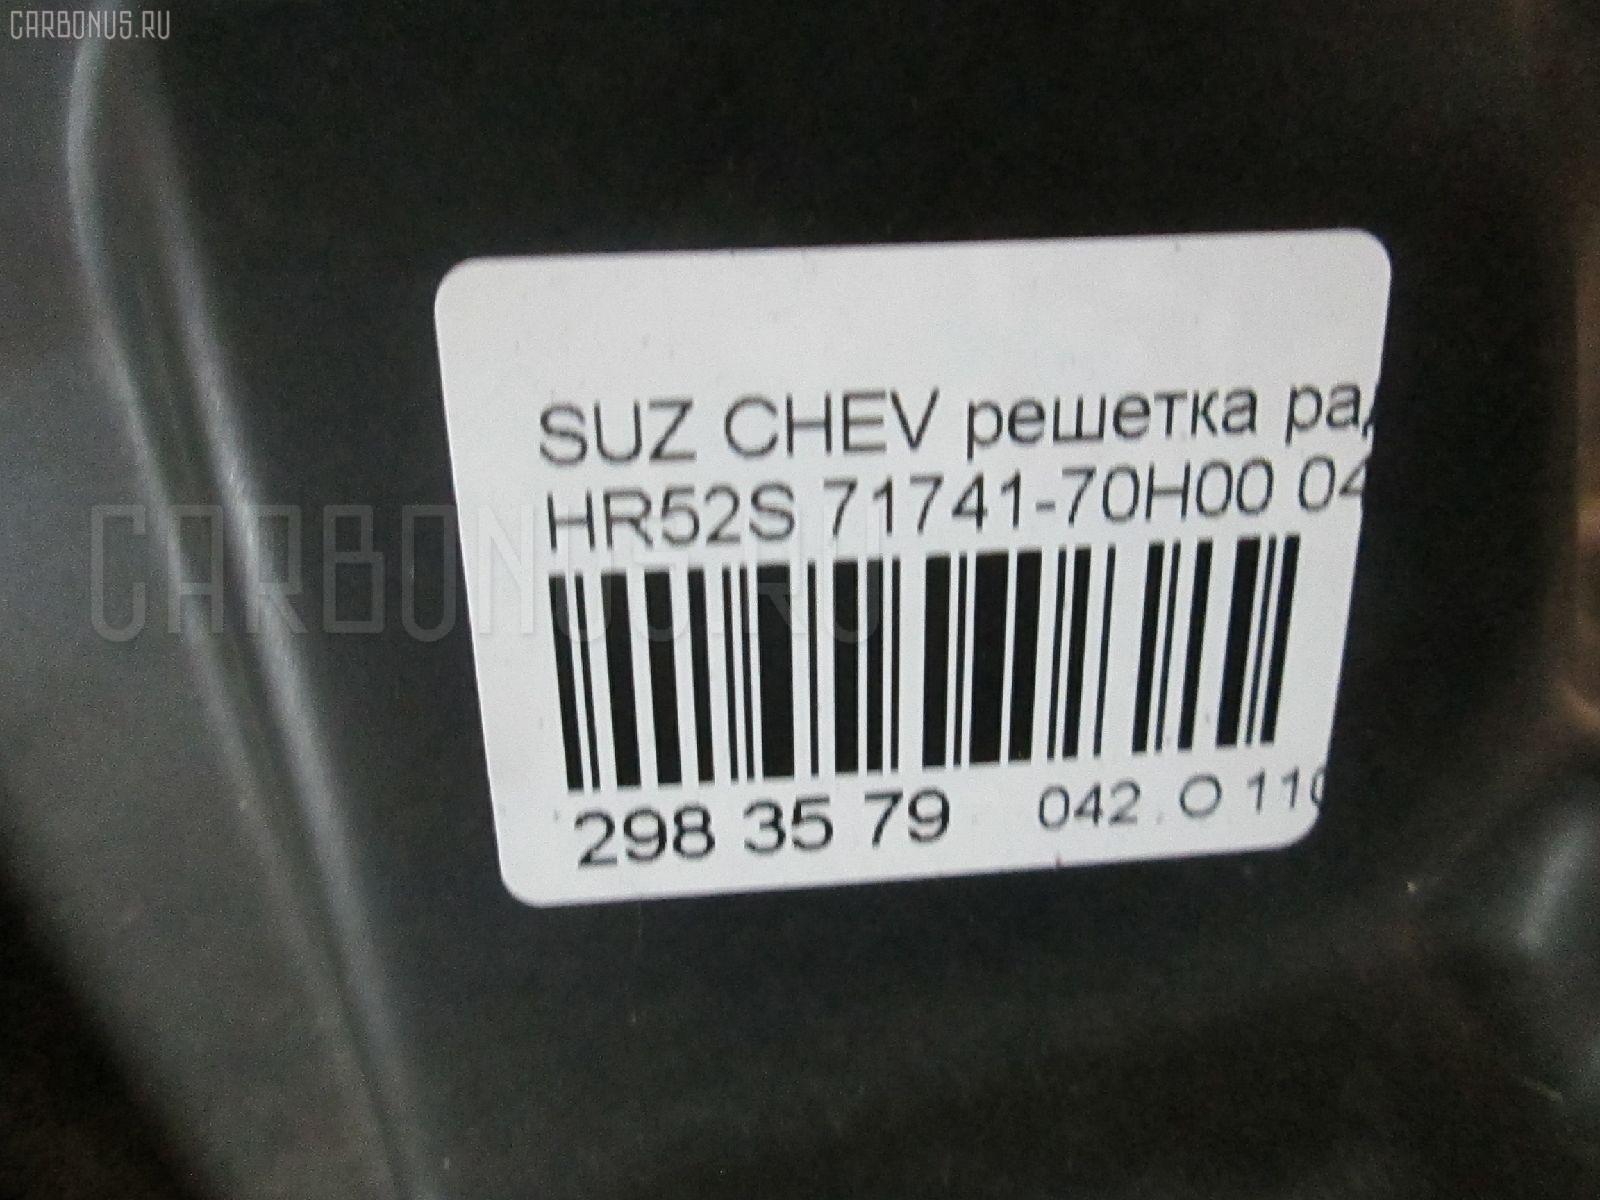 Решетка радиатора SUZUKI CHEVROLET CRUZE HR52S Фото 3